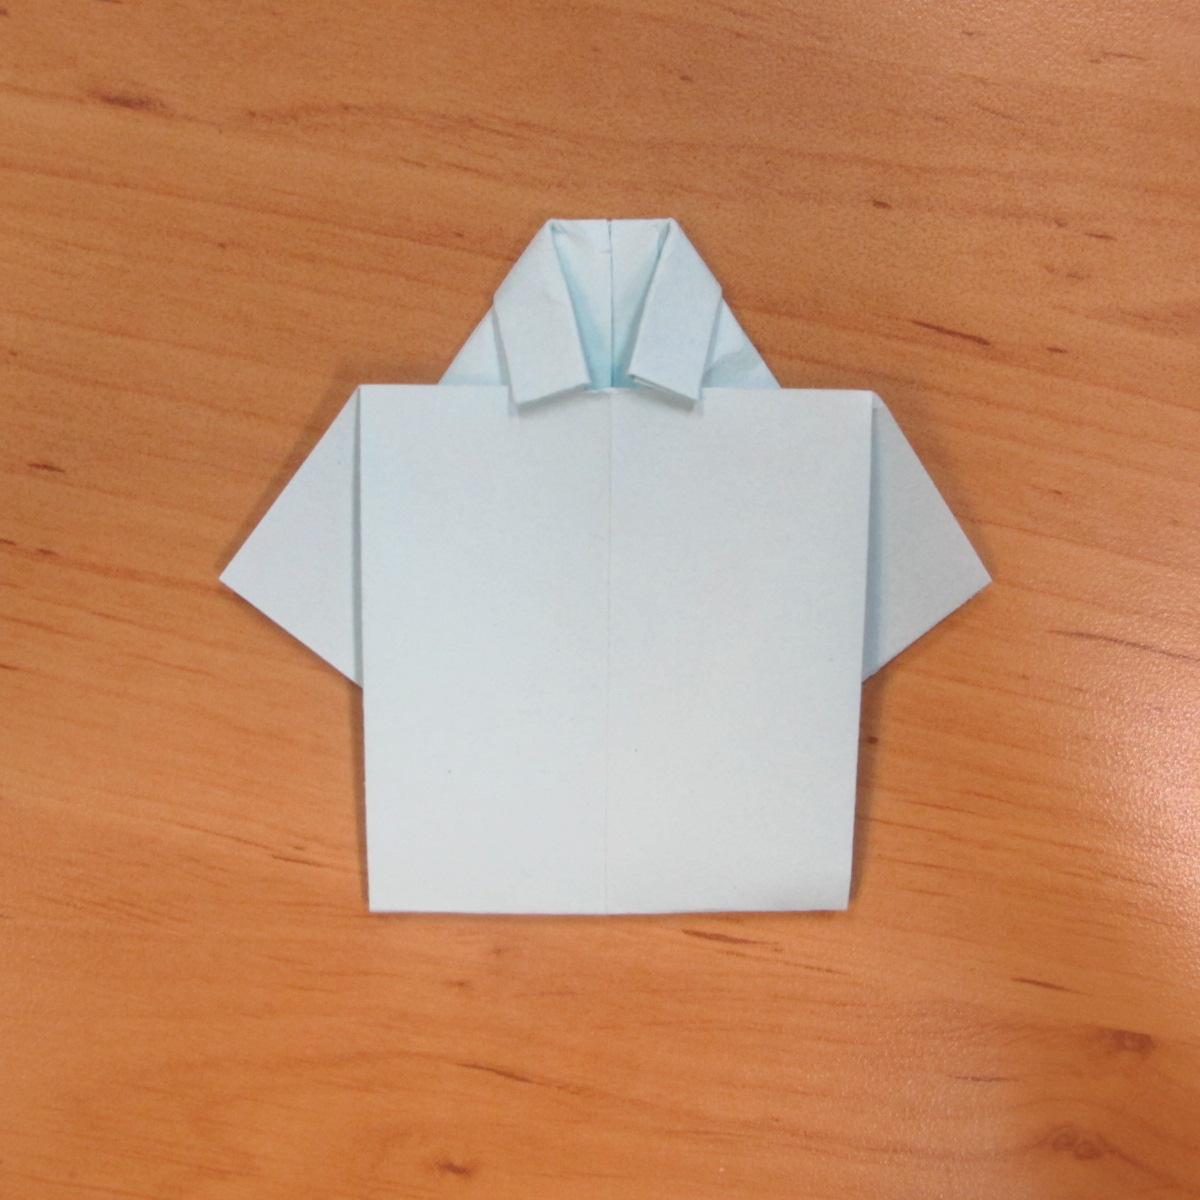 วิธีพับกระดาษเป็นรูปเสื้อเชิร์ต 007